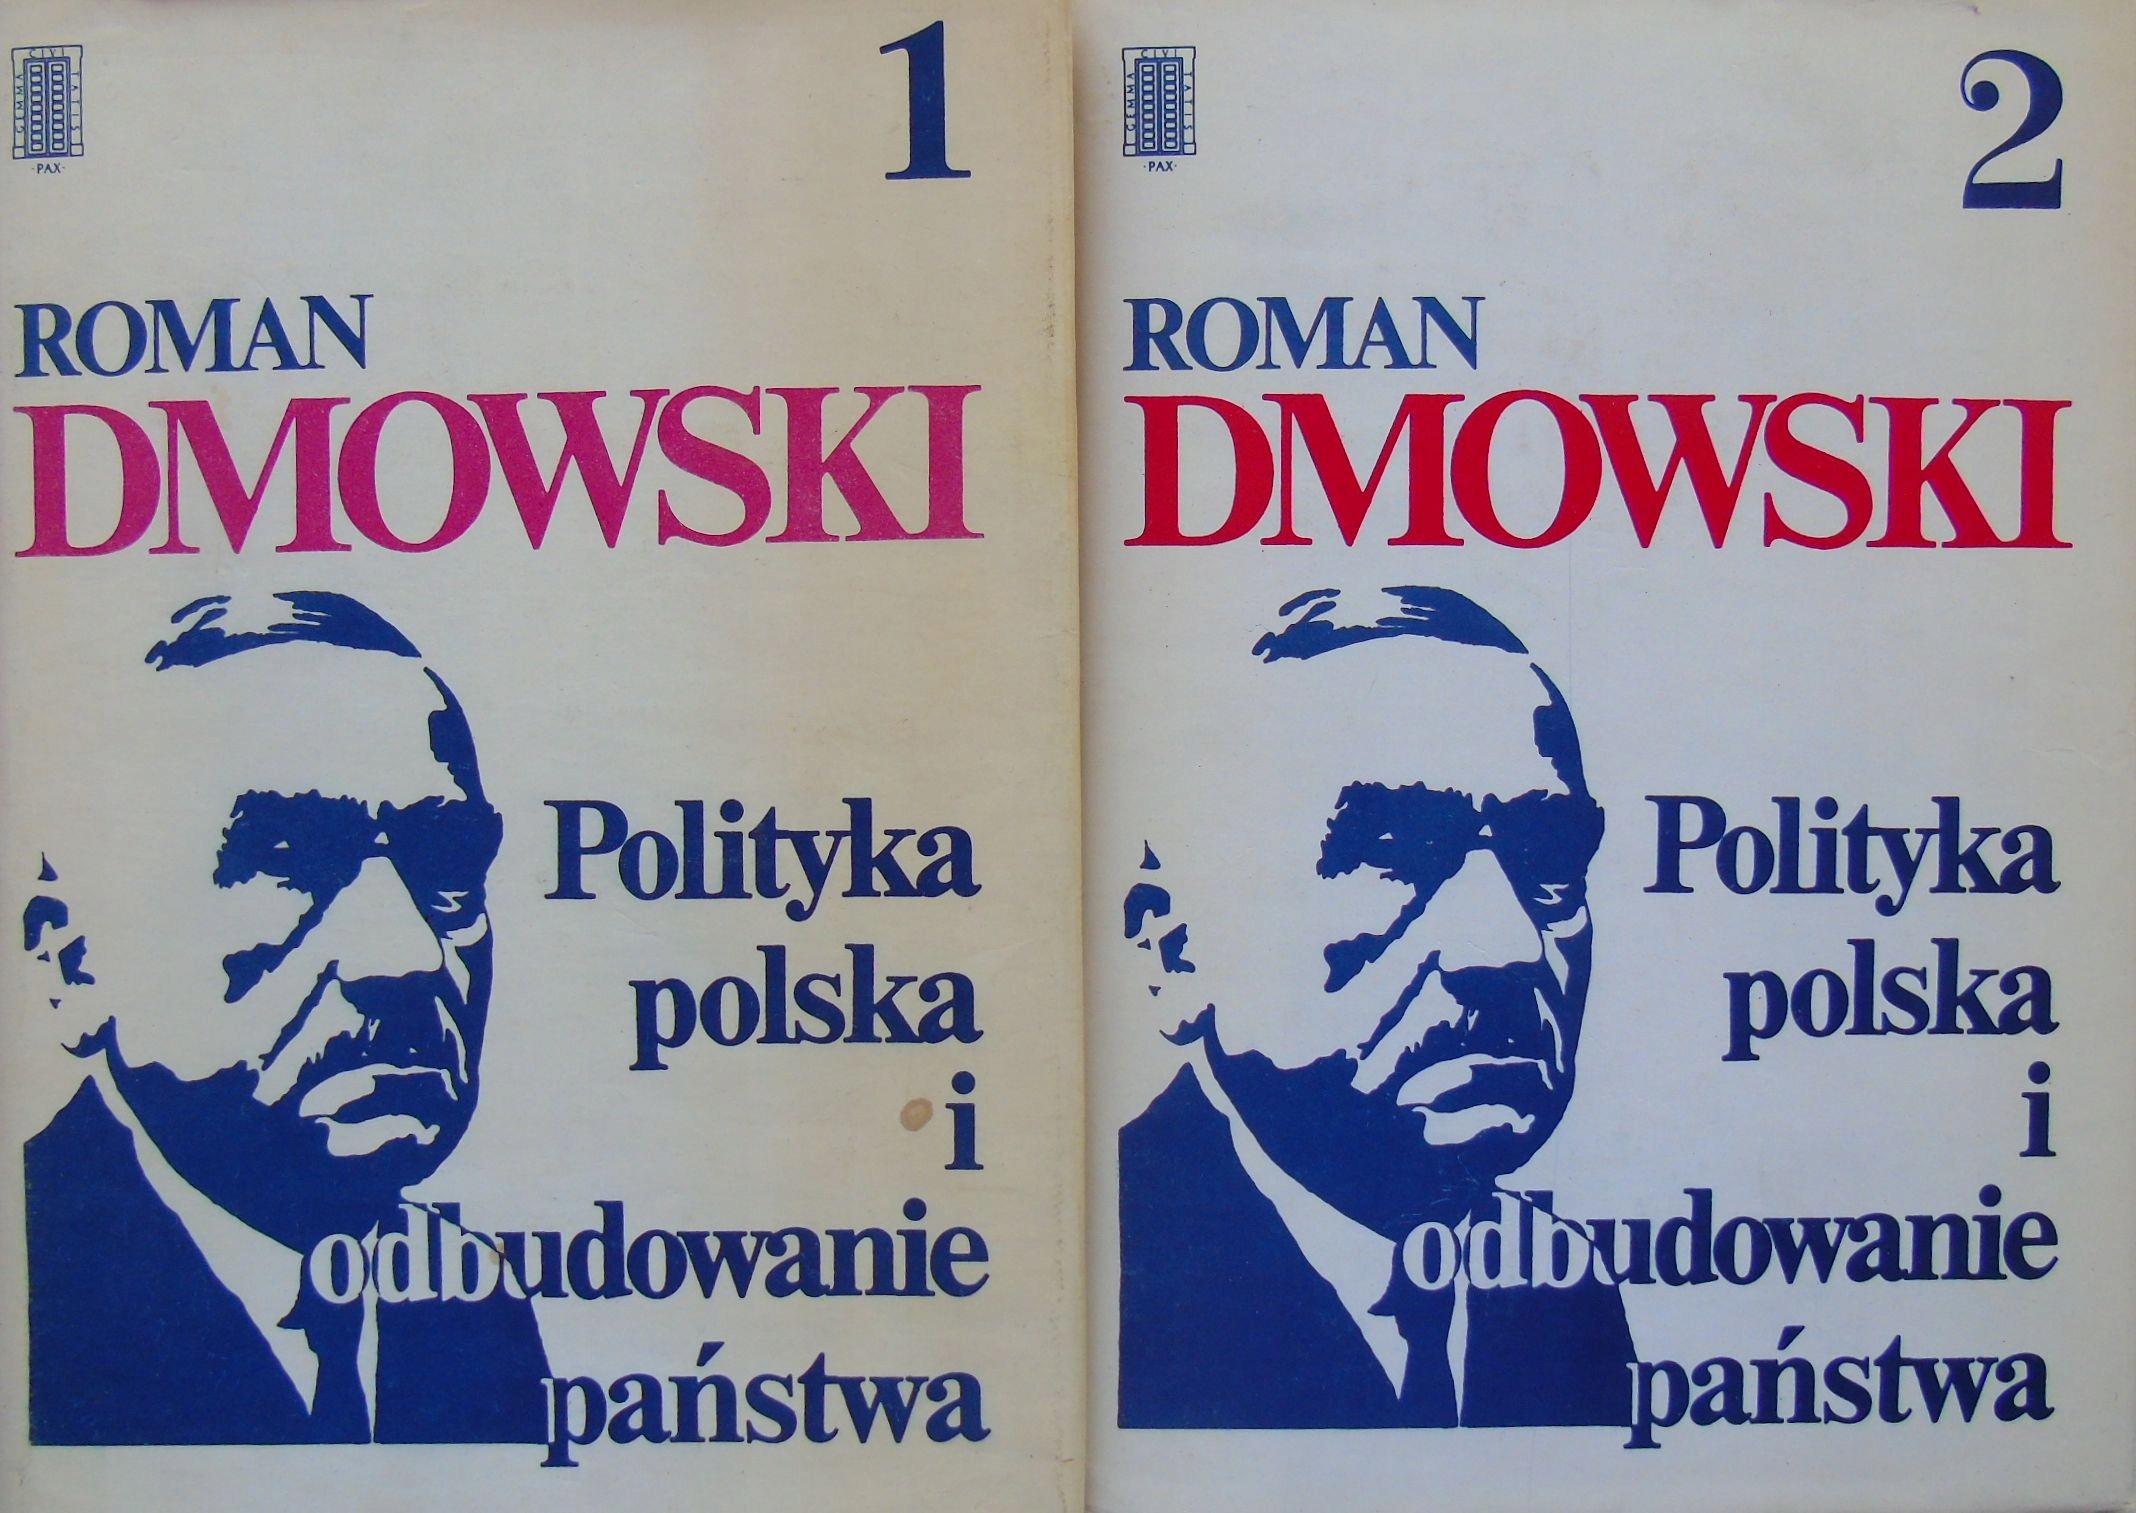 Dmowski Polityka polska i odbudowanie państwa 1+2